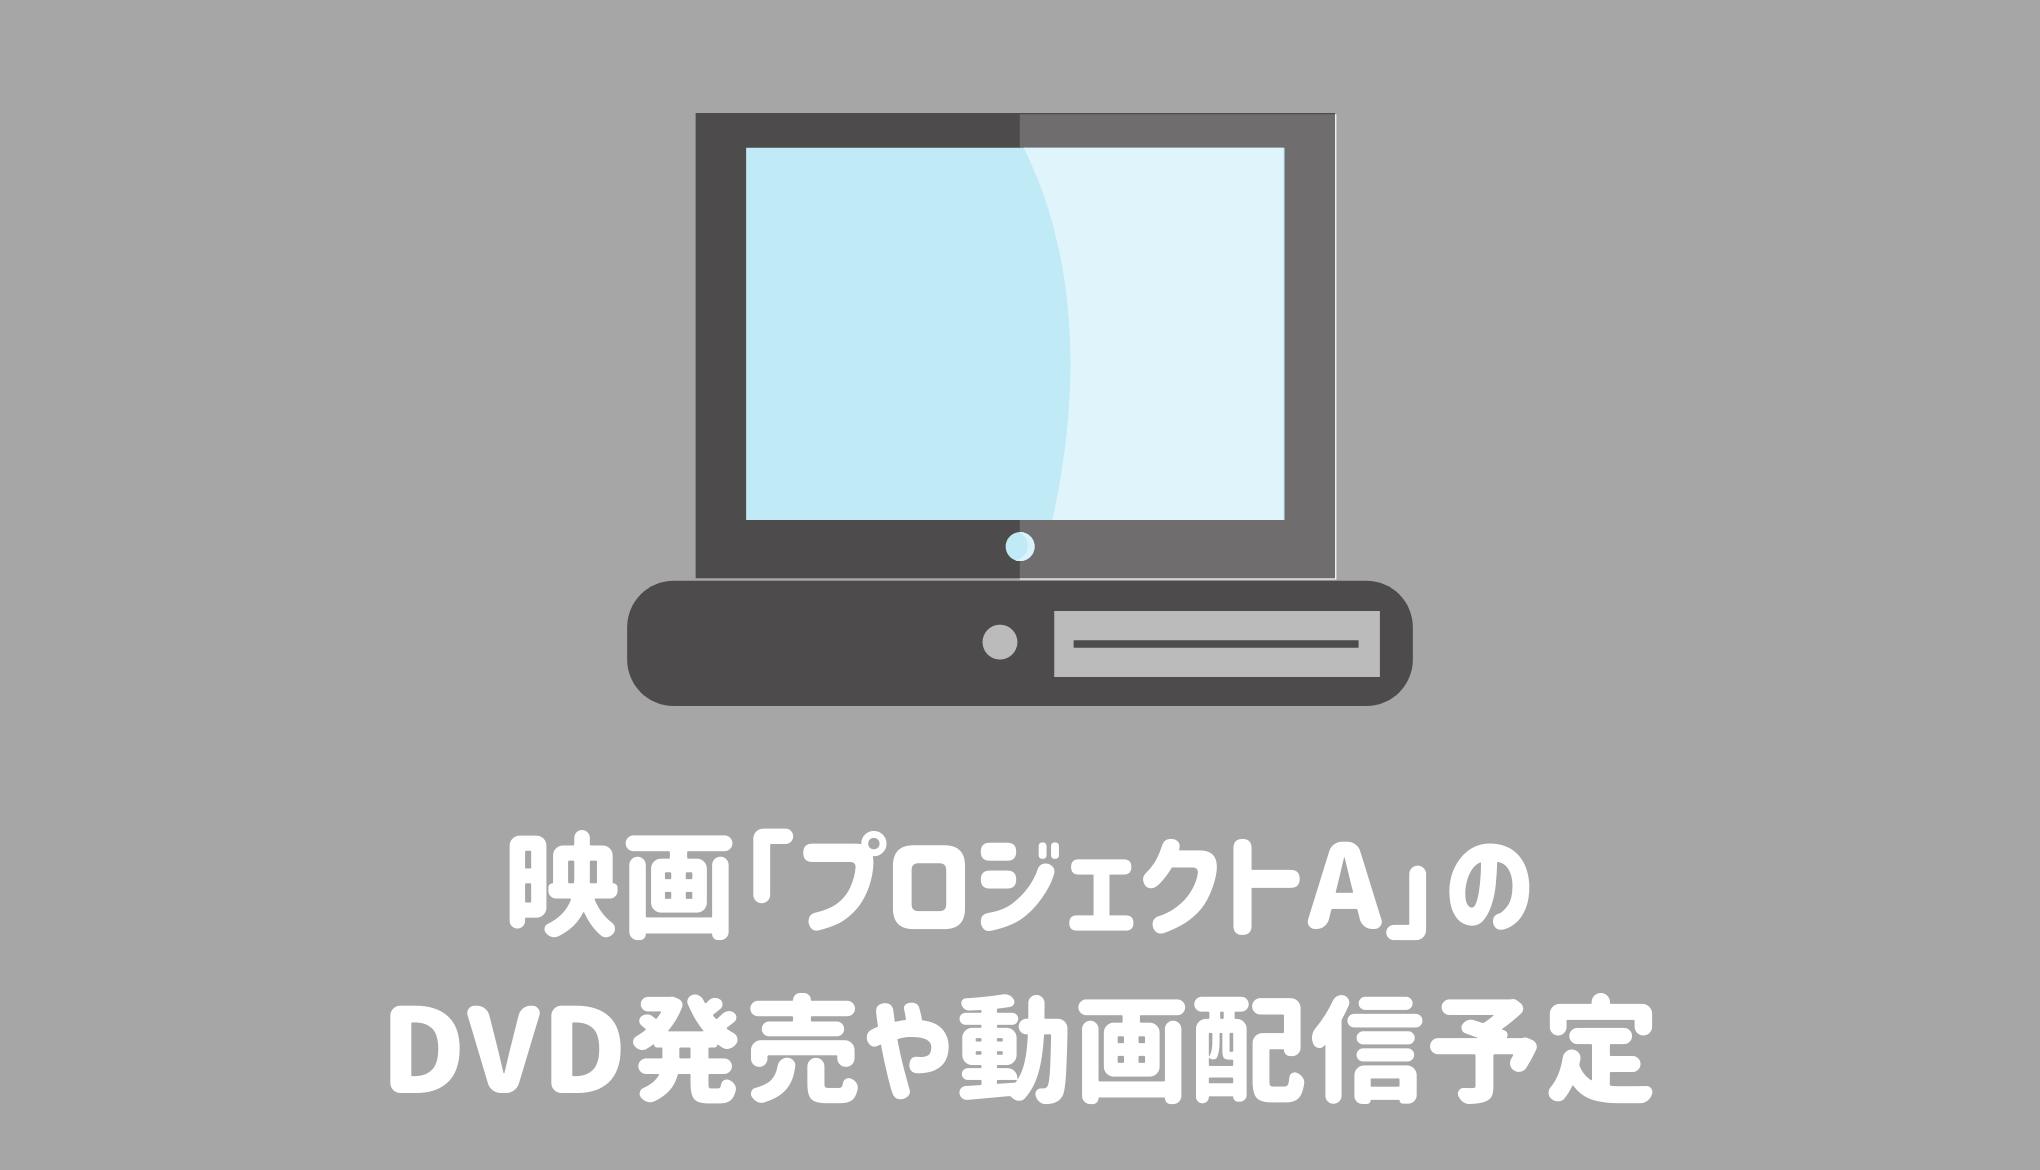 映画「プロジェクトA」のDVD発売や動画配信予定をチェック